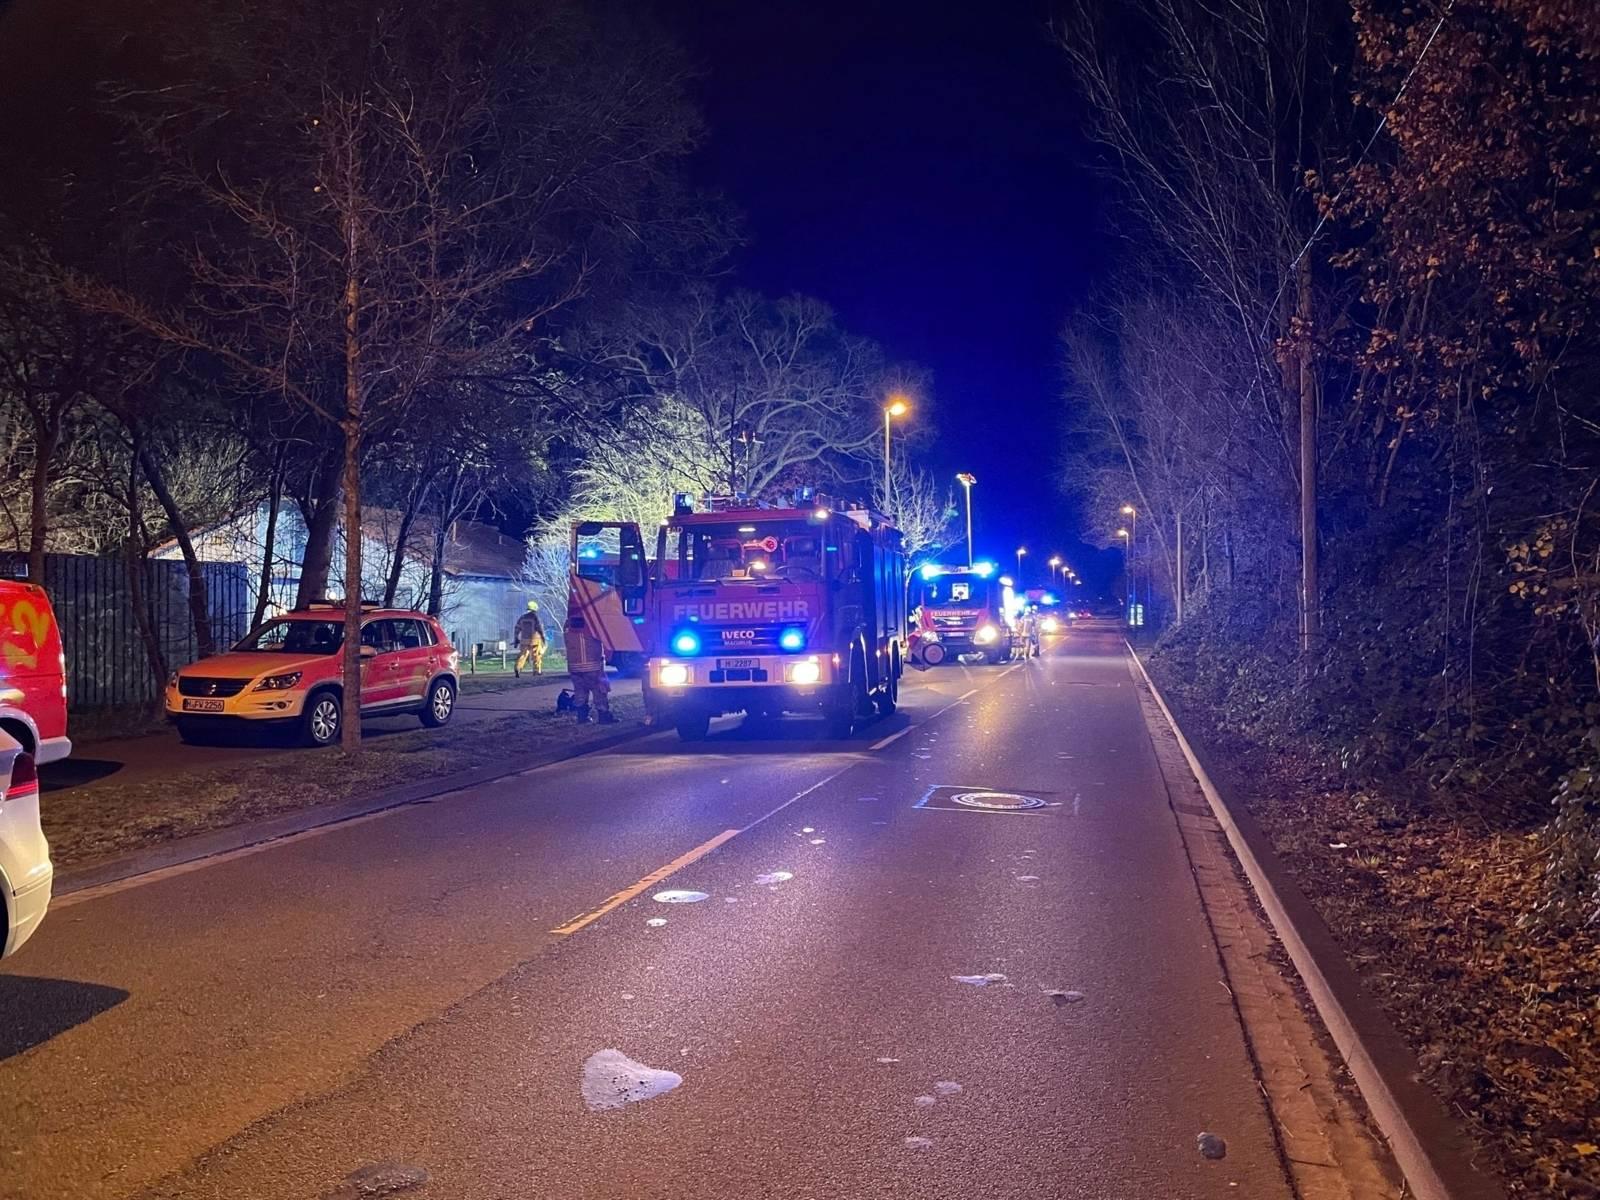 Feuerwehrautos auf der Straße.